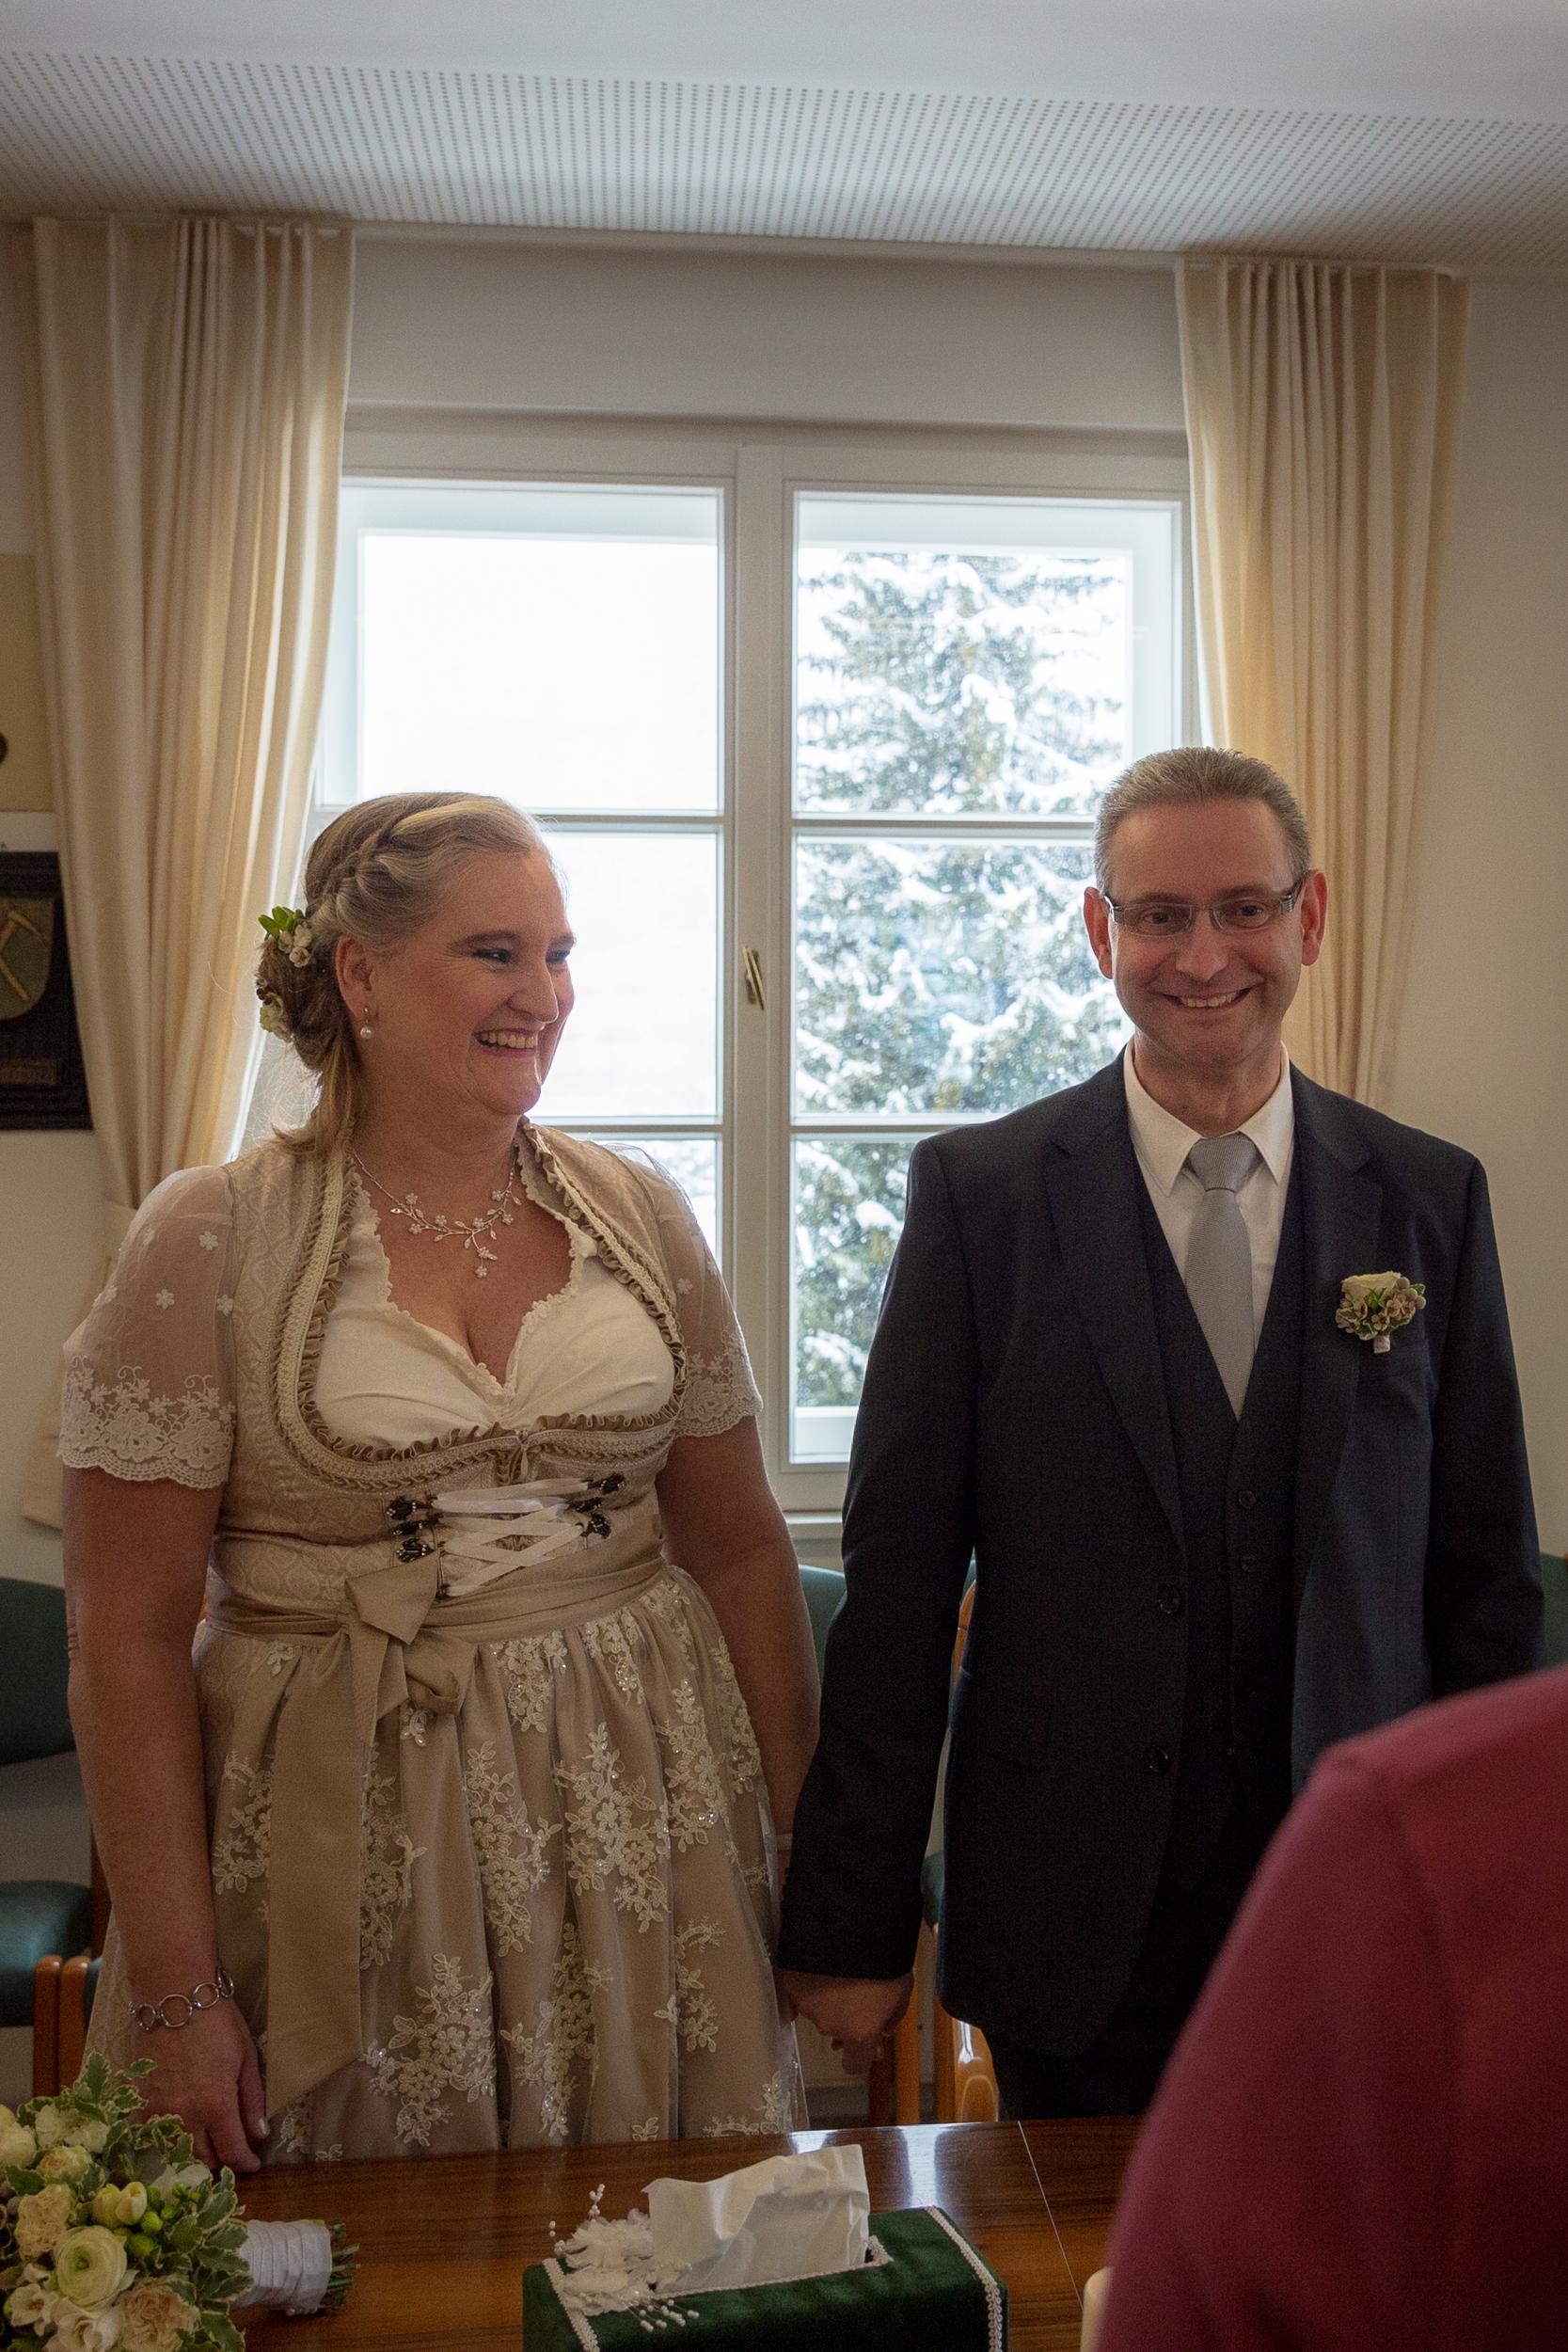 20190212_Hochzeit Koenig_0108.jpg